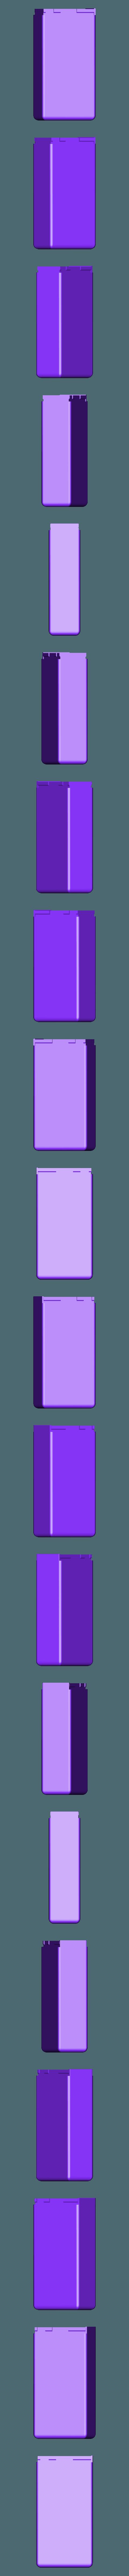 Cigarette package x10 - Down.STL Télécharger fichier STL gratuit Aboa - Solution pour fumer moins et arrêter le tabac • Plan imprimable en 3D, jeromeelie